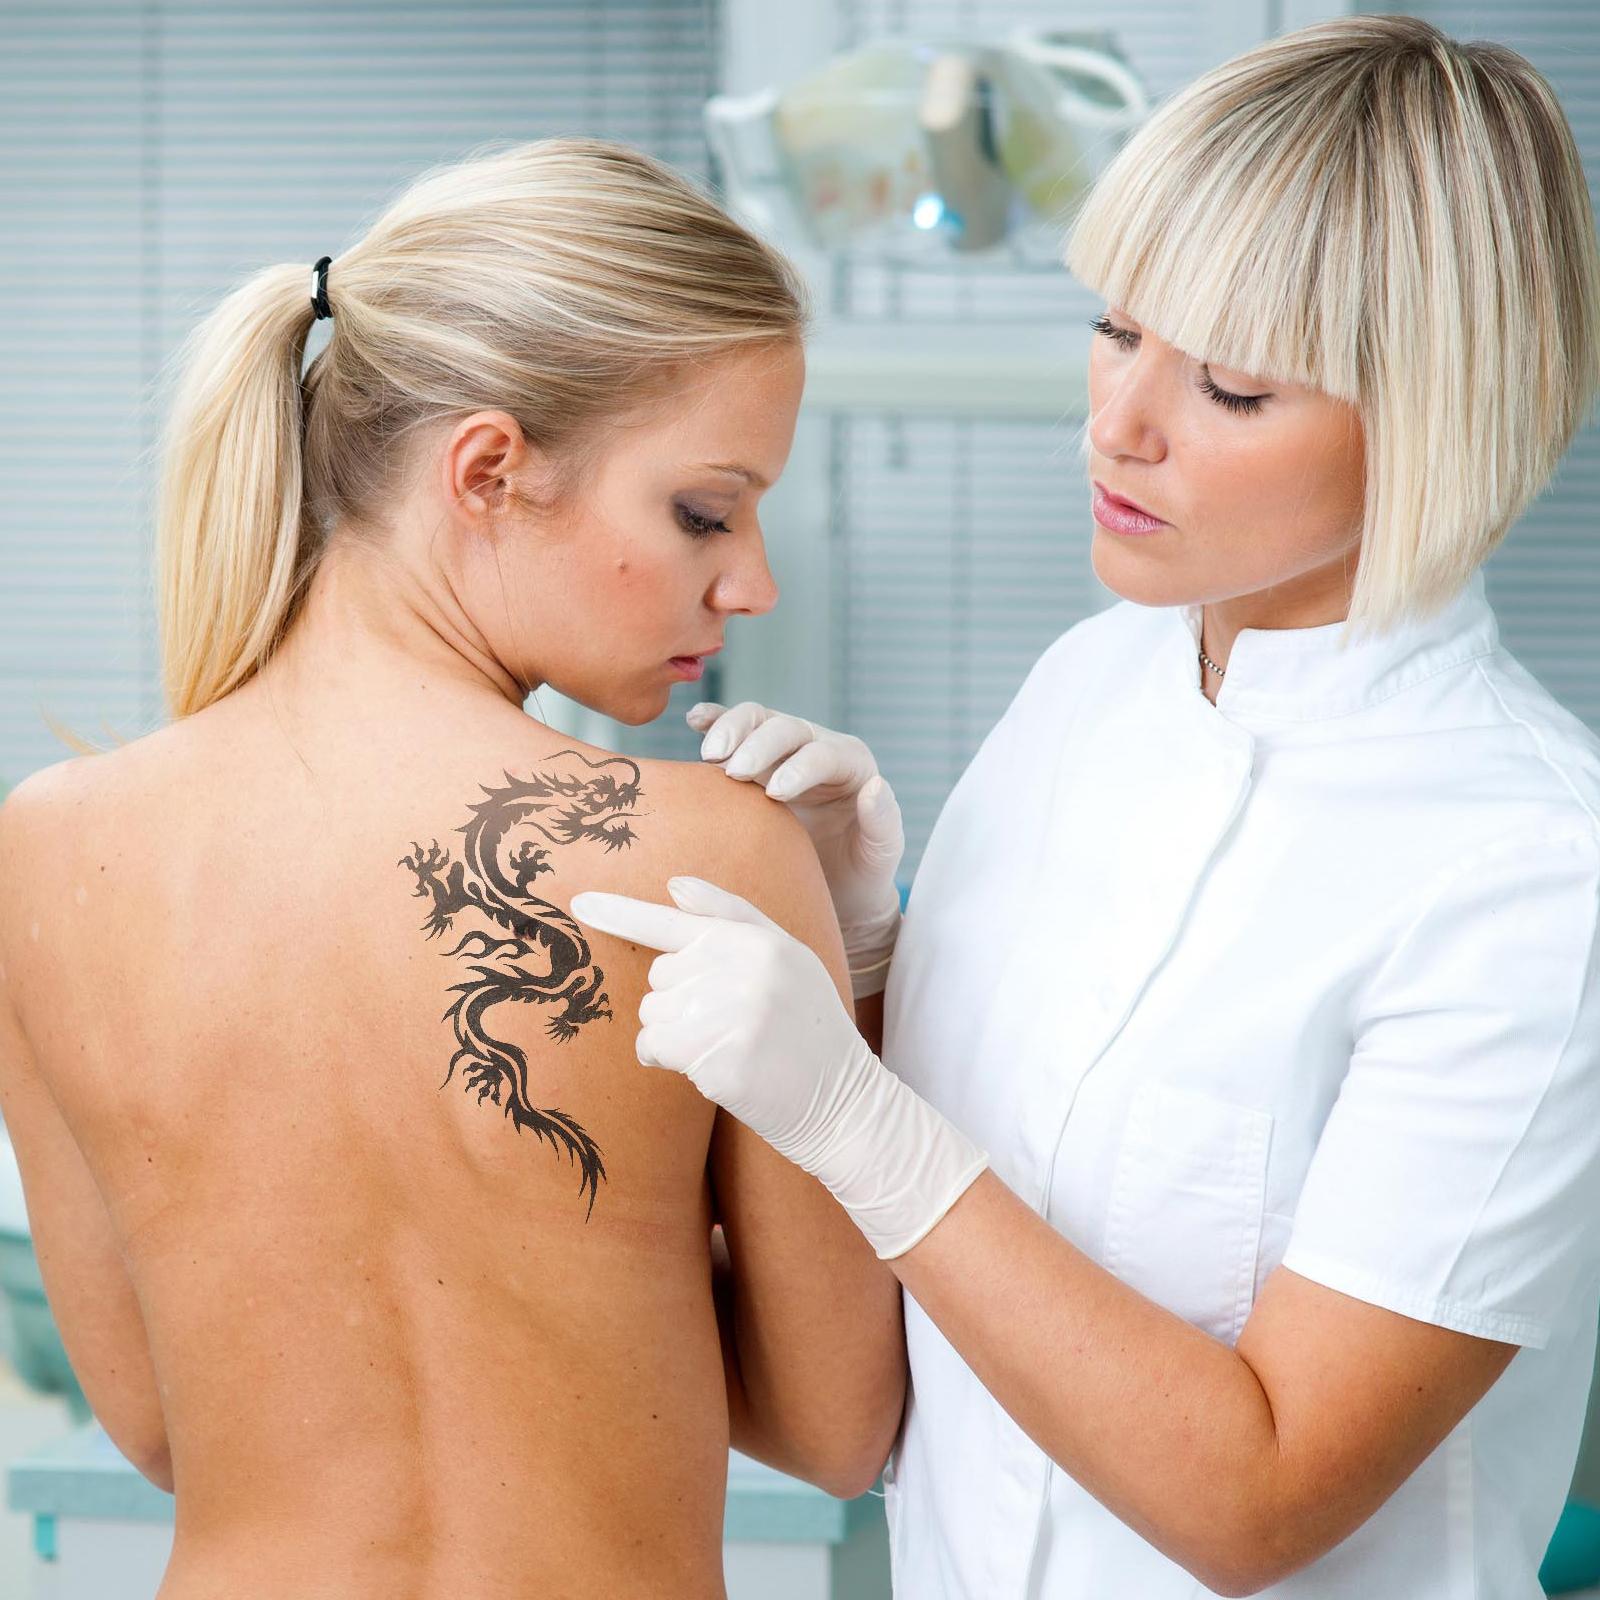 B-usuwanie-tatuażu